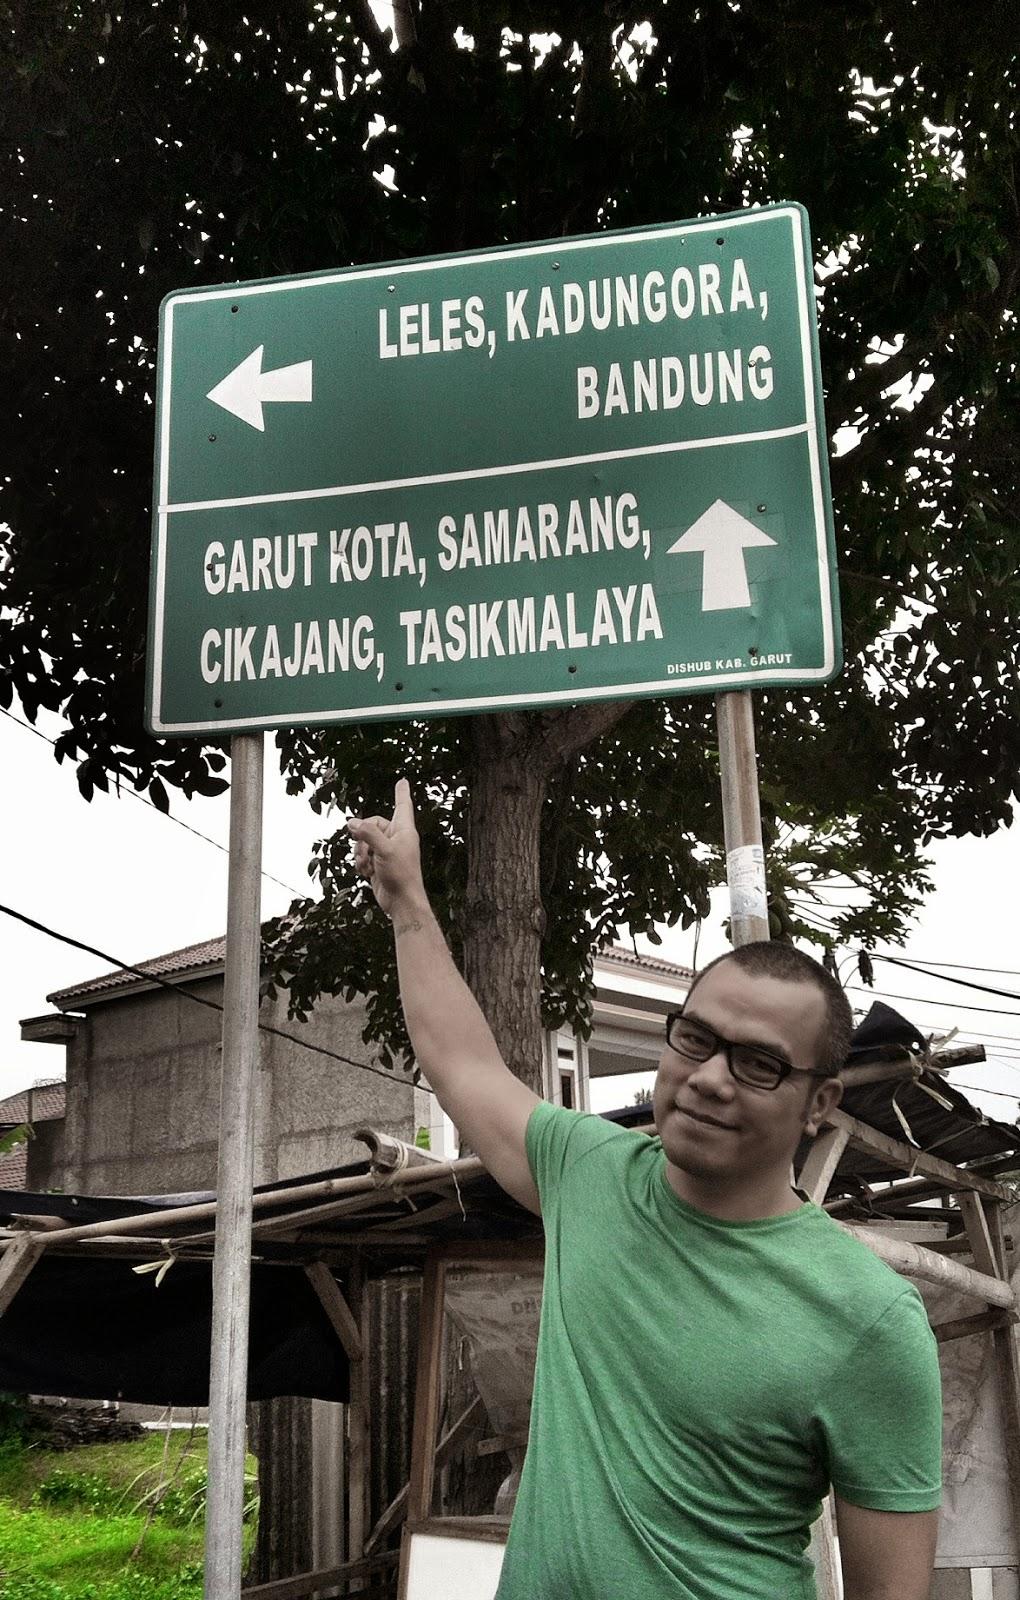 foto di papan petunjuk jalan di Cipanas, Garut